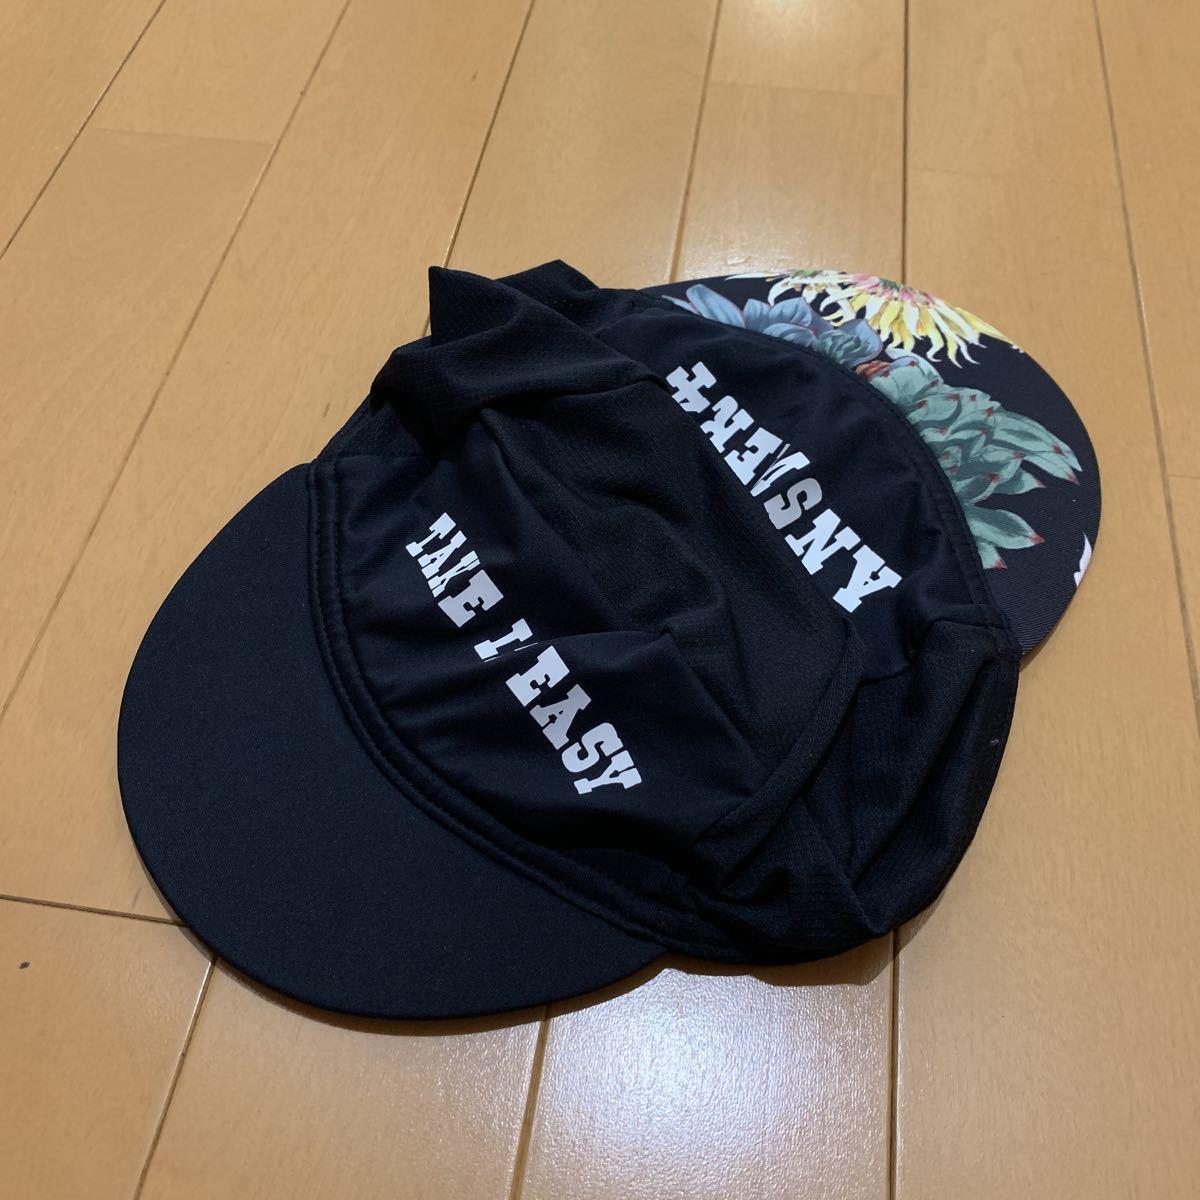 ★送料無料★ 美品 ANSWER4 シャーロックキャップ シェルパ アンサー4 ブラック 花柄_画像5